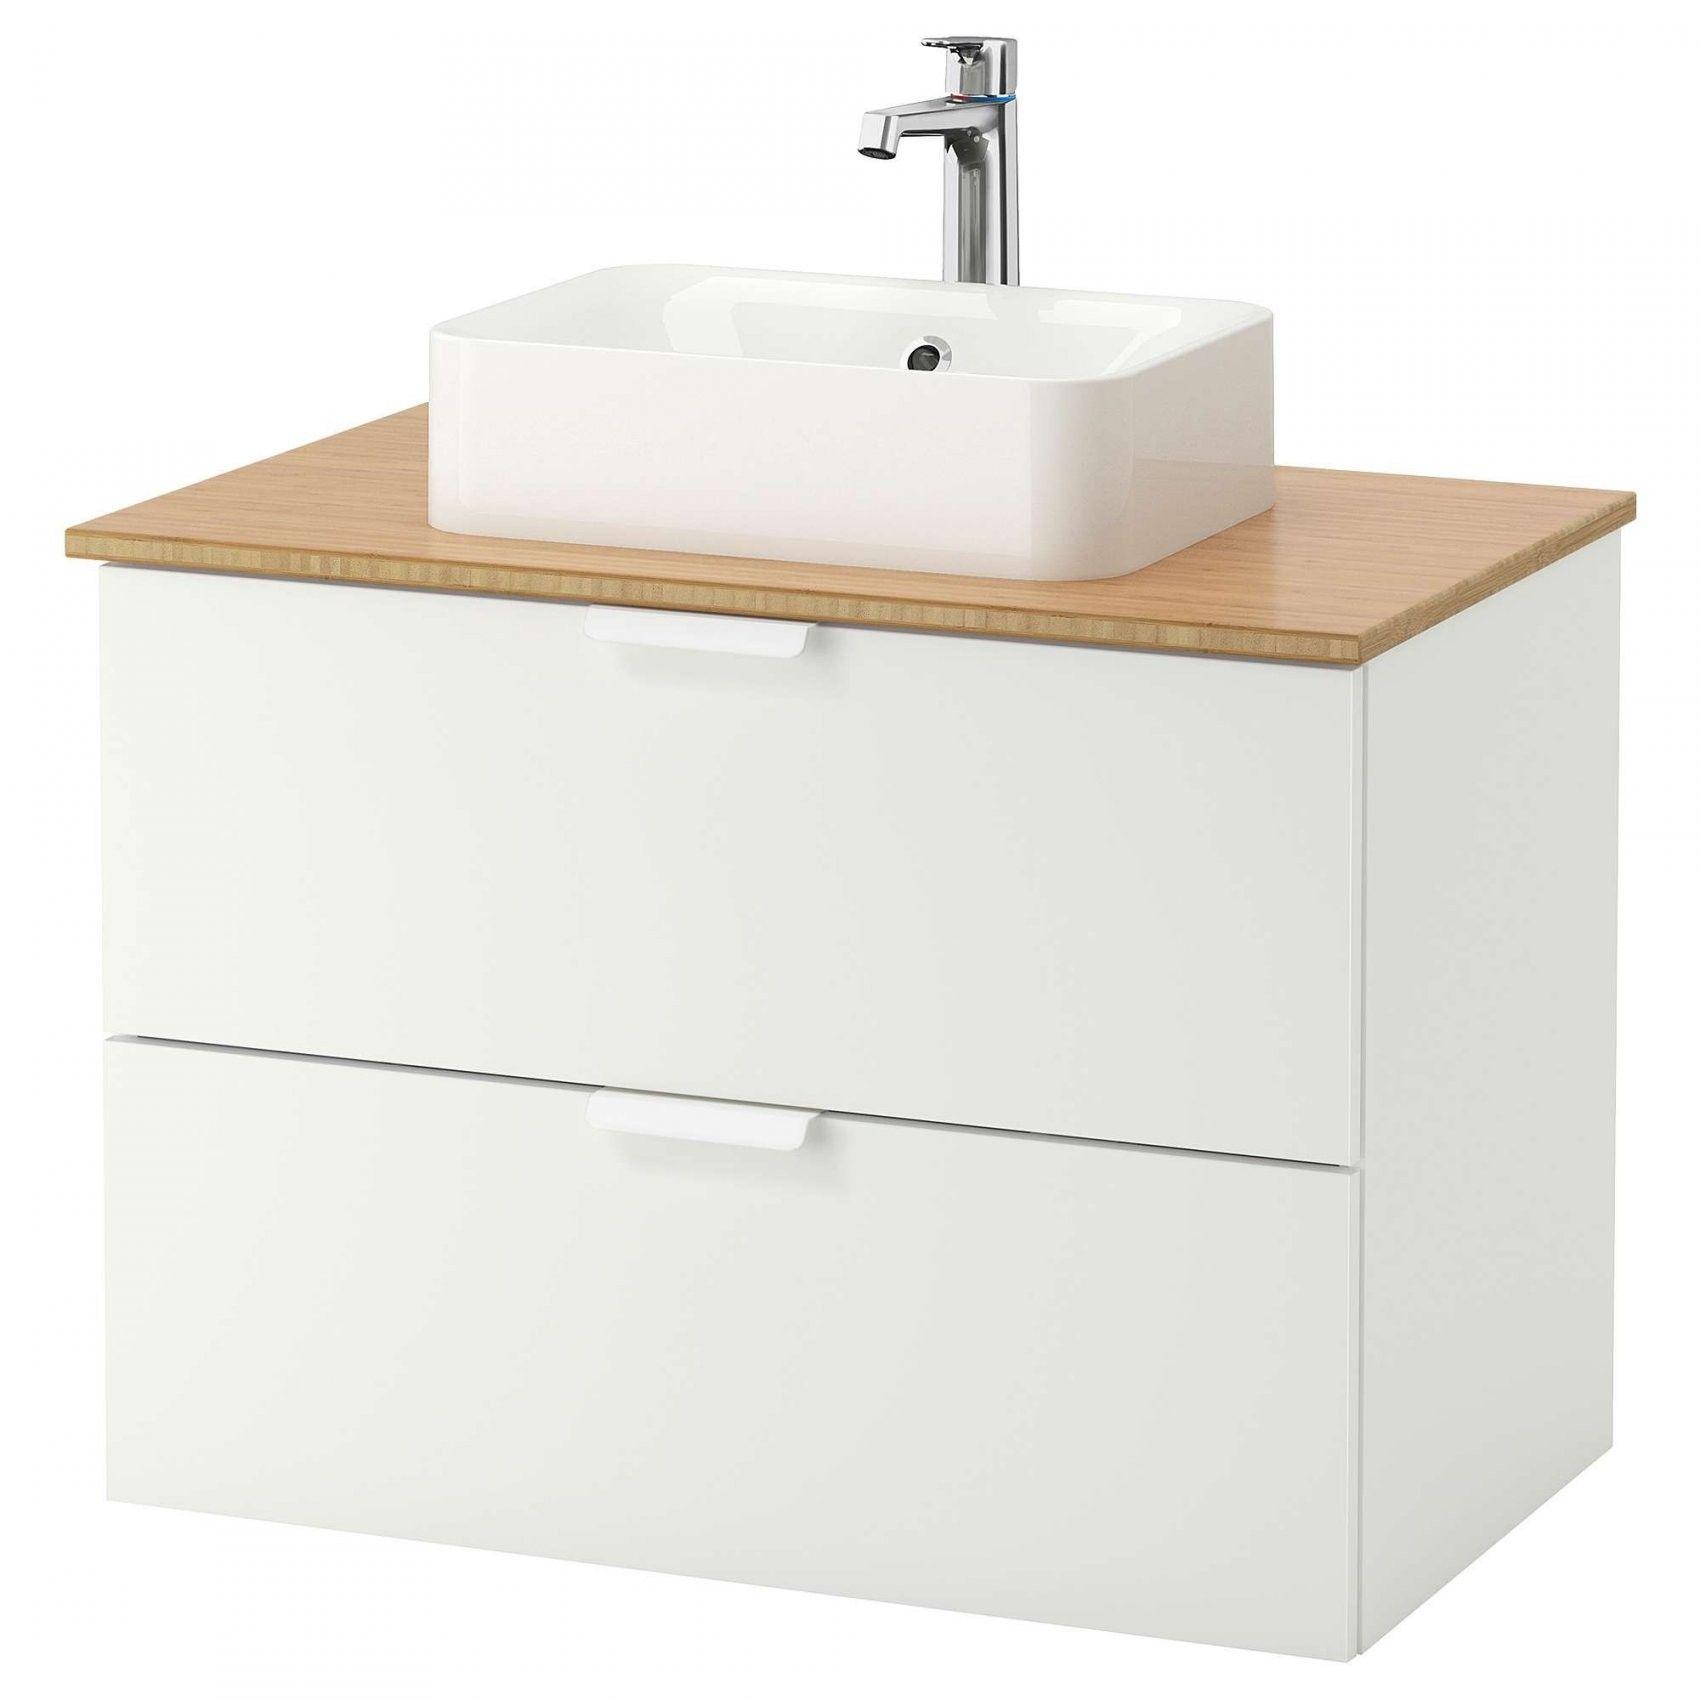 Aufsatzwaschbecken Rund Mit Unterschrank Mit 36 Schon Waschbecken In 2020 Waschbecken Unterschrank Unterschrank Waschbecken